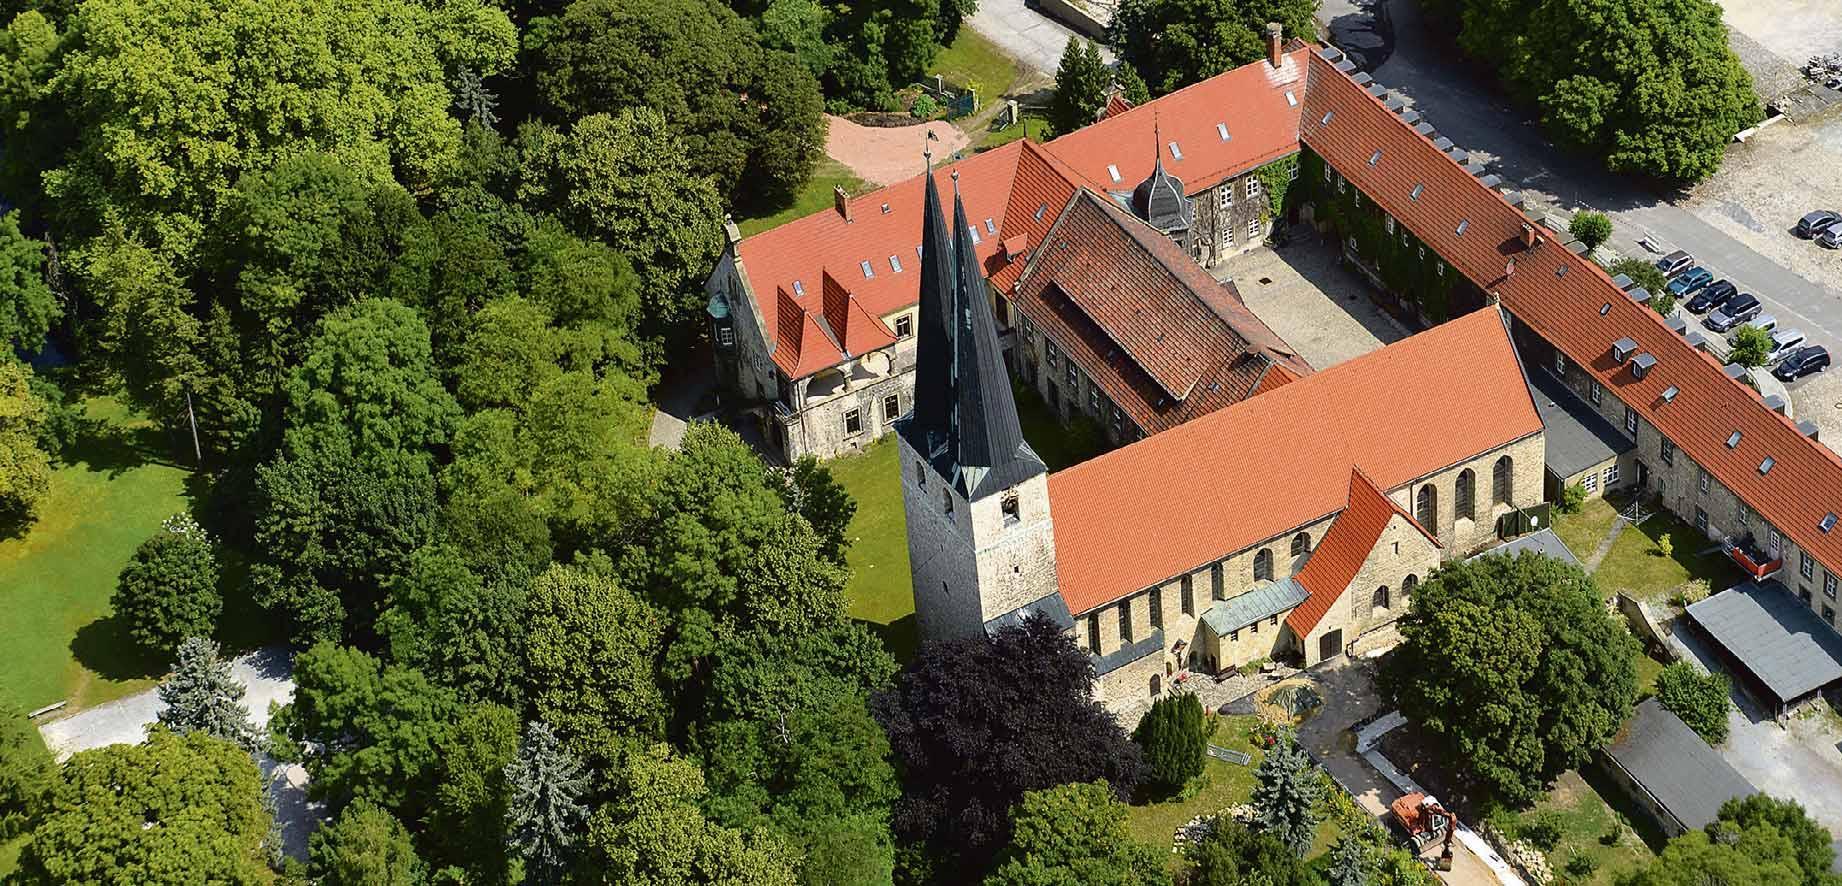 Das Privatgymnasium Hadmersleben mit angeschlossenem Internat liegt eingebettet in das altehrwürdige Kloster mit weitläufigem Park. Foto: Internatsschule Hadmersleben